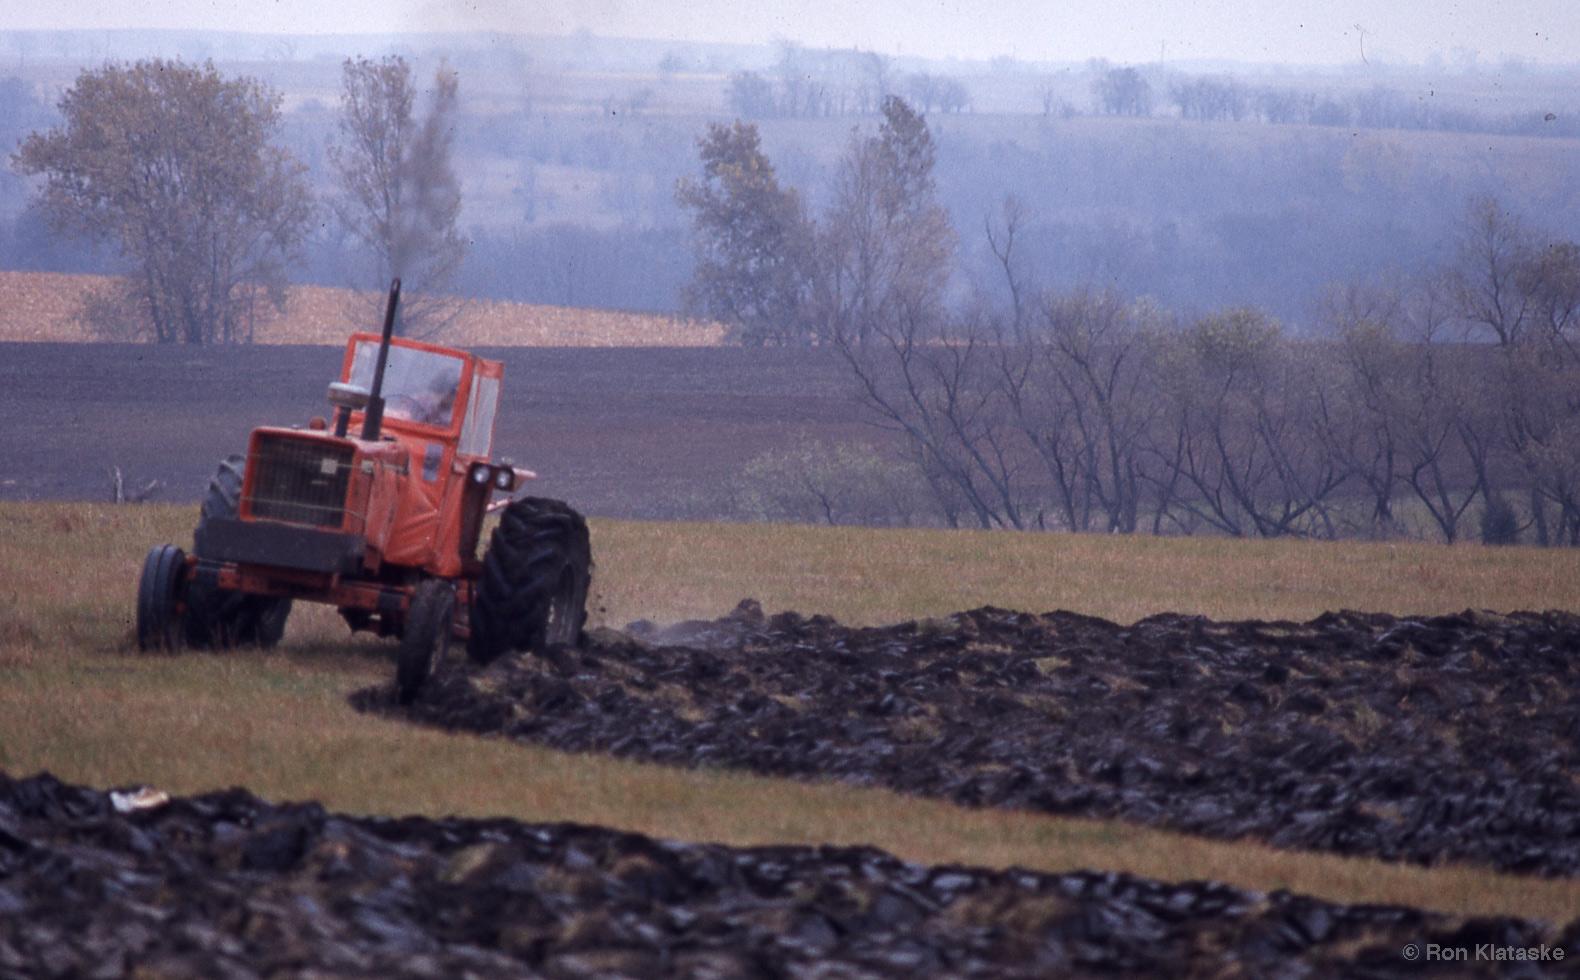 Plowing of prairie. Photo by Ron Klataske